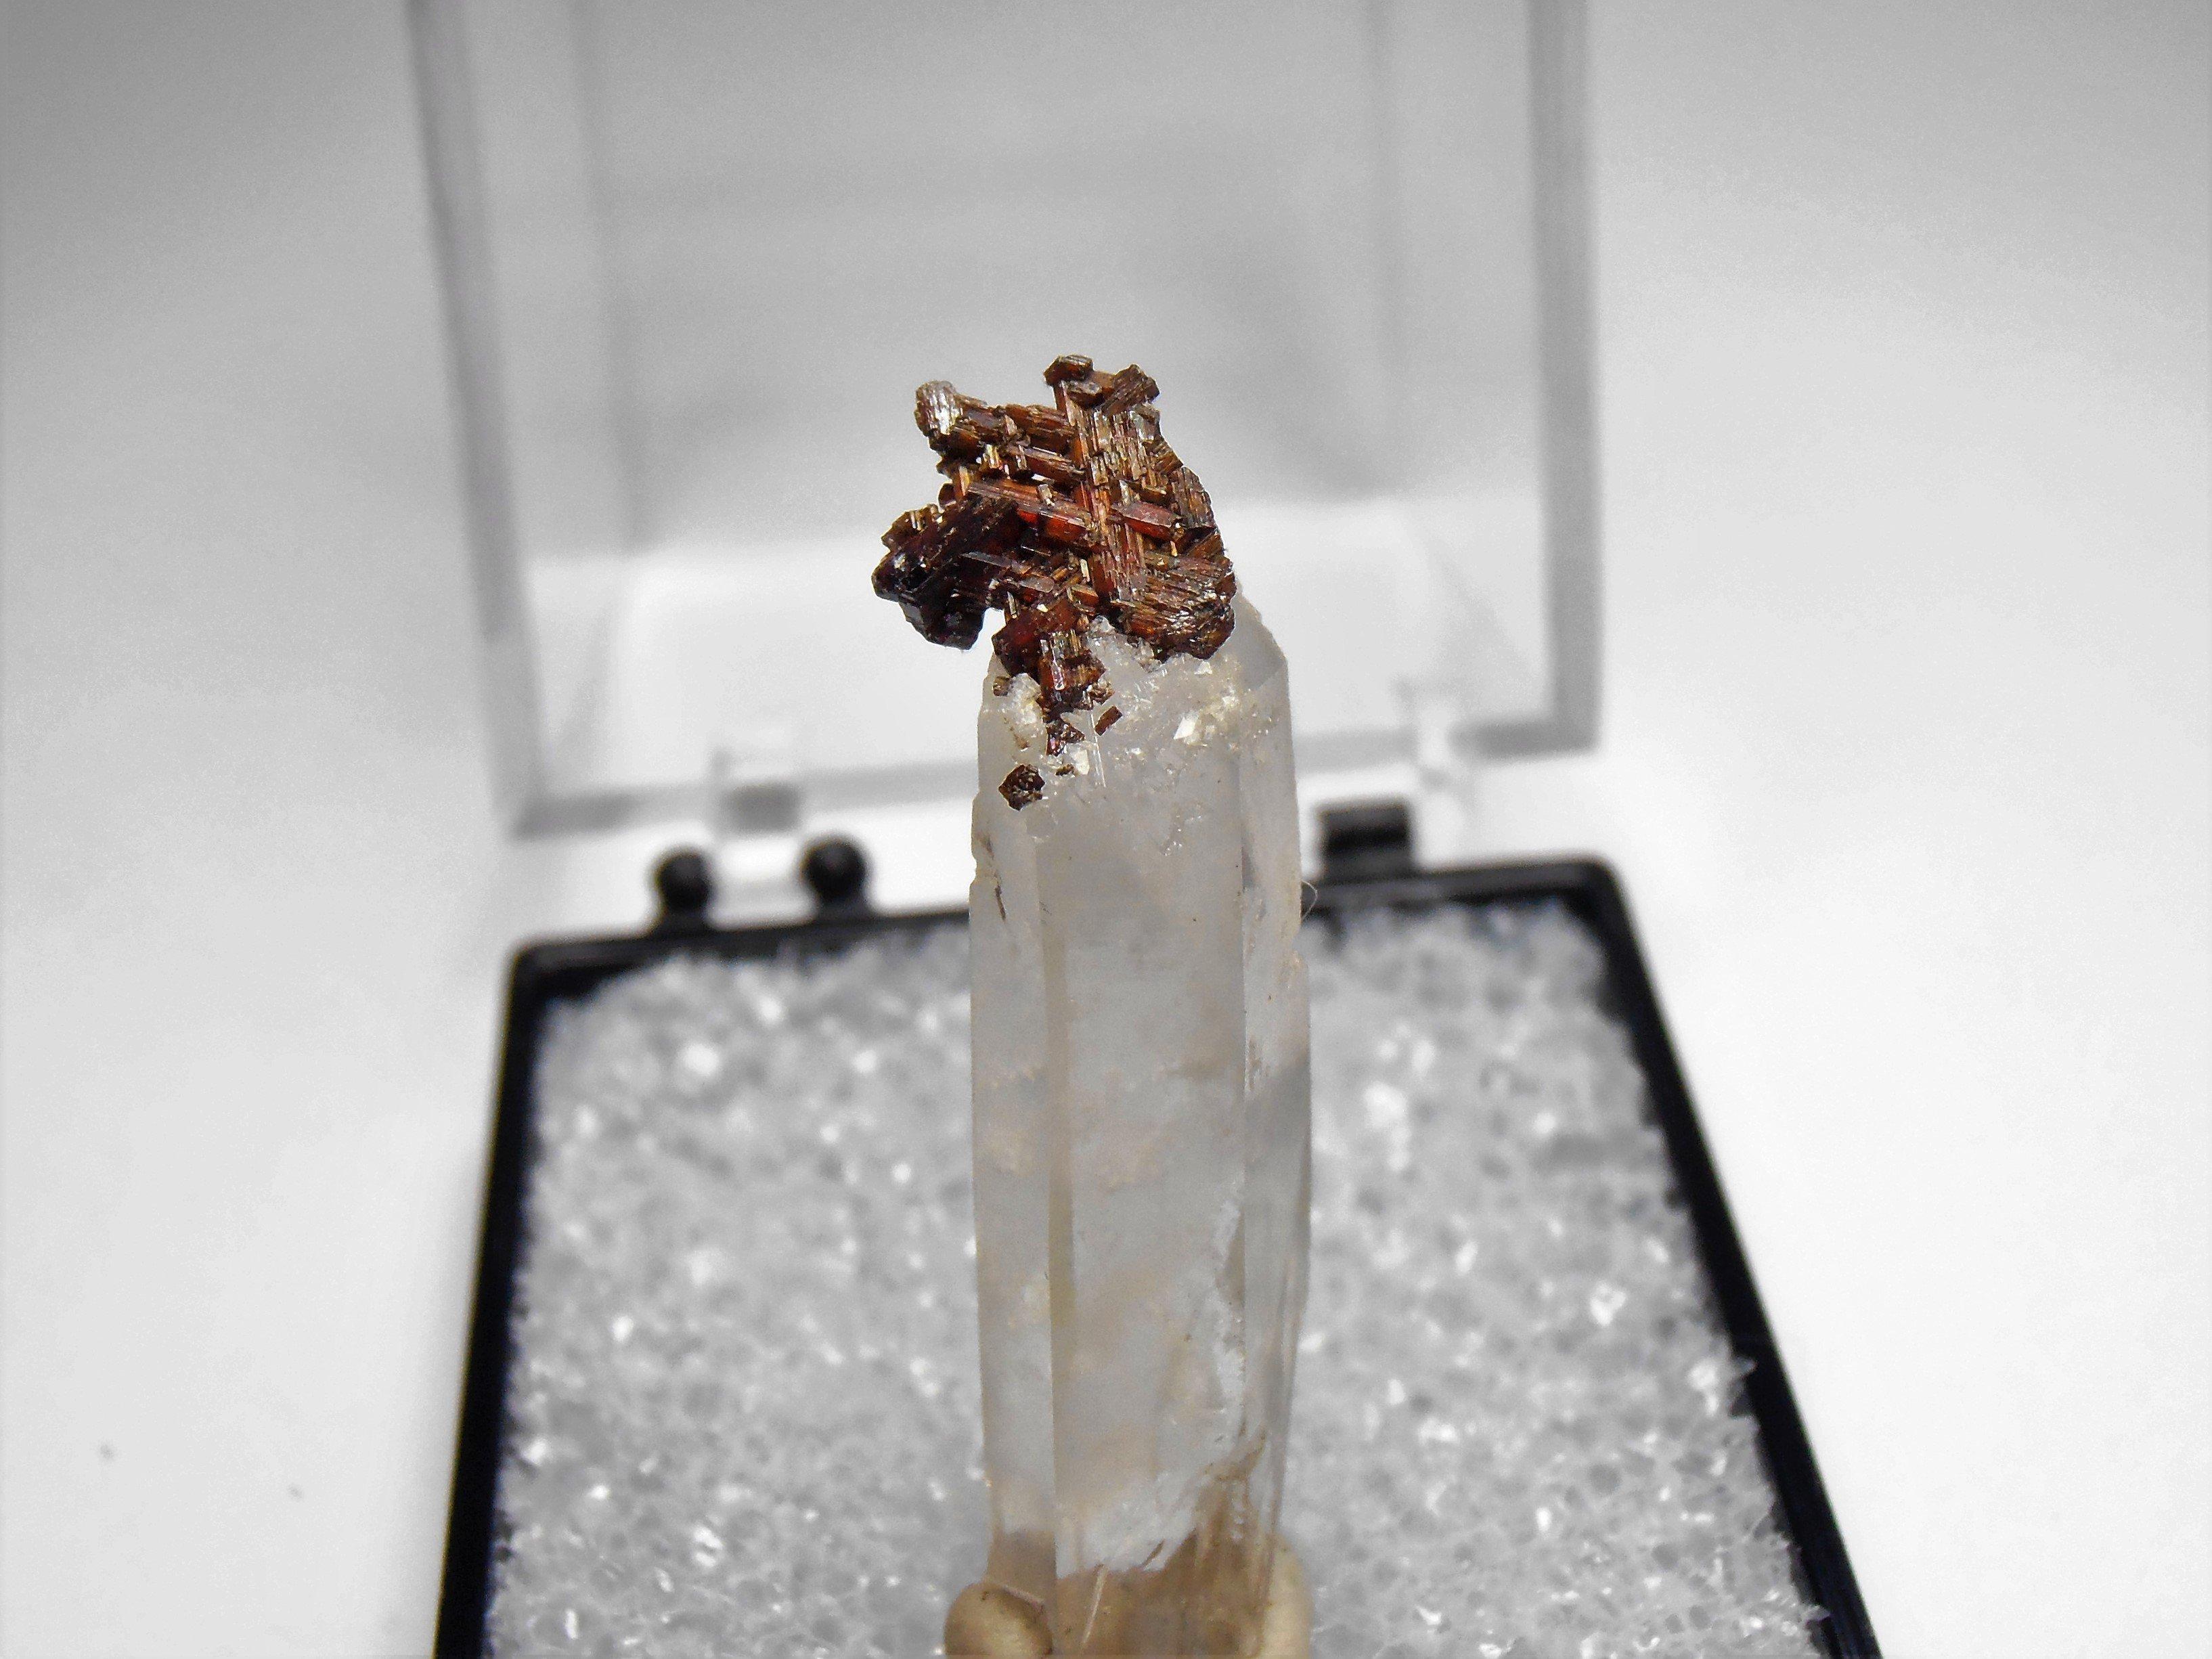 Rutile on Quartz from Diamantina in Minas Gerais